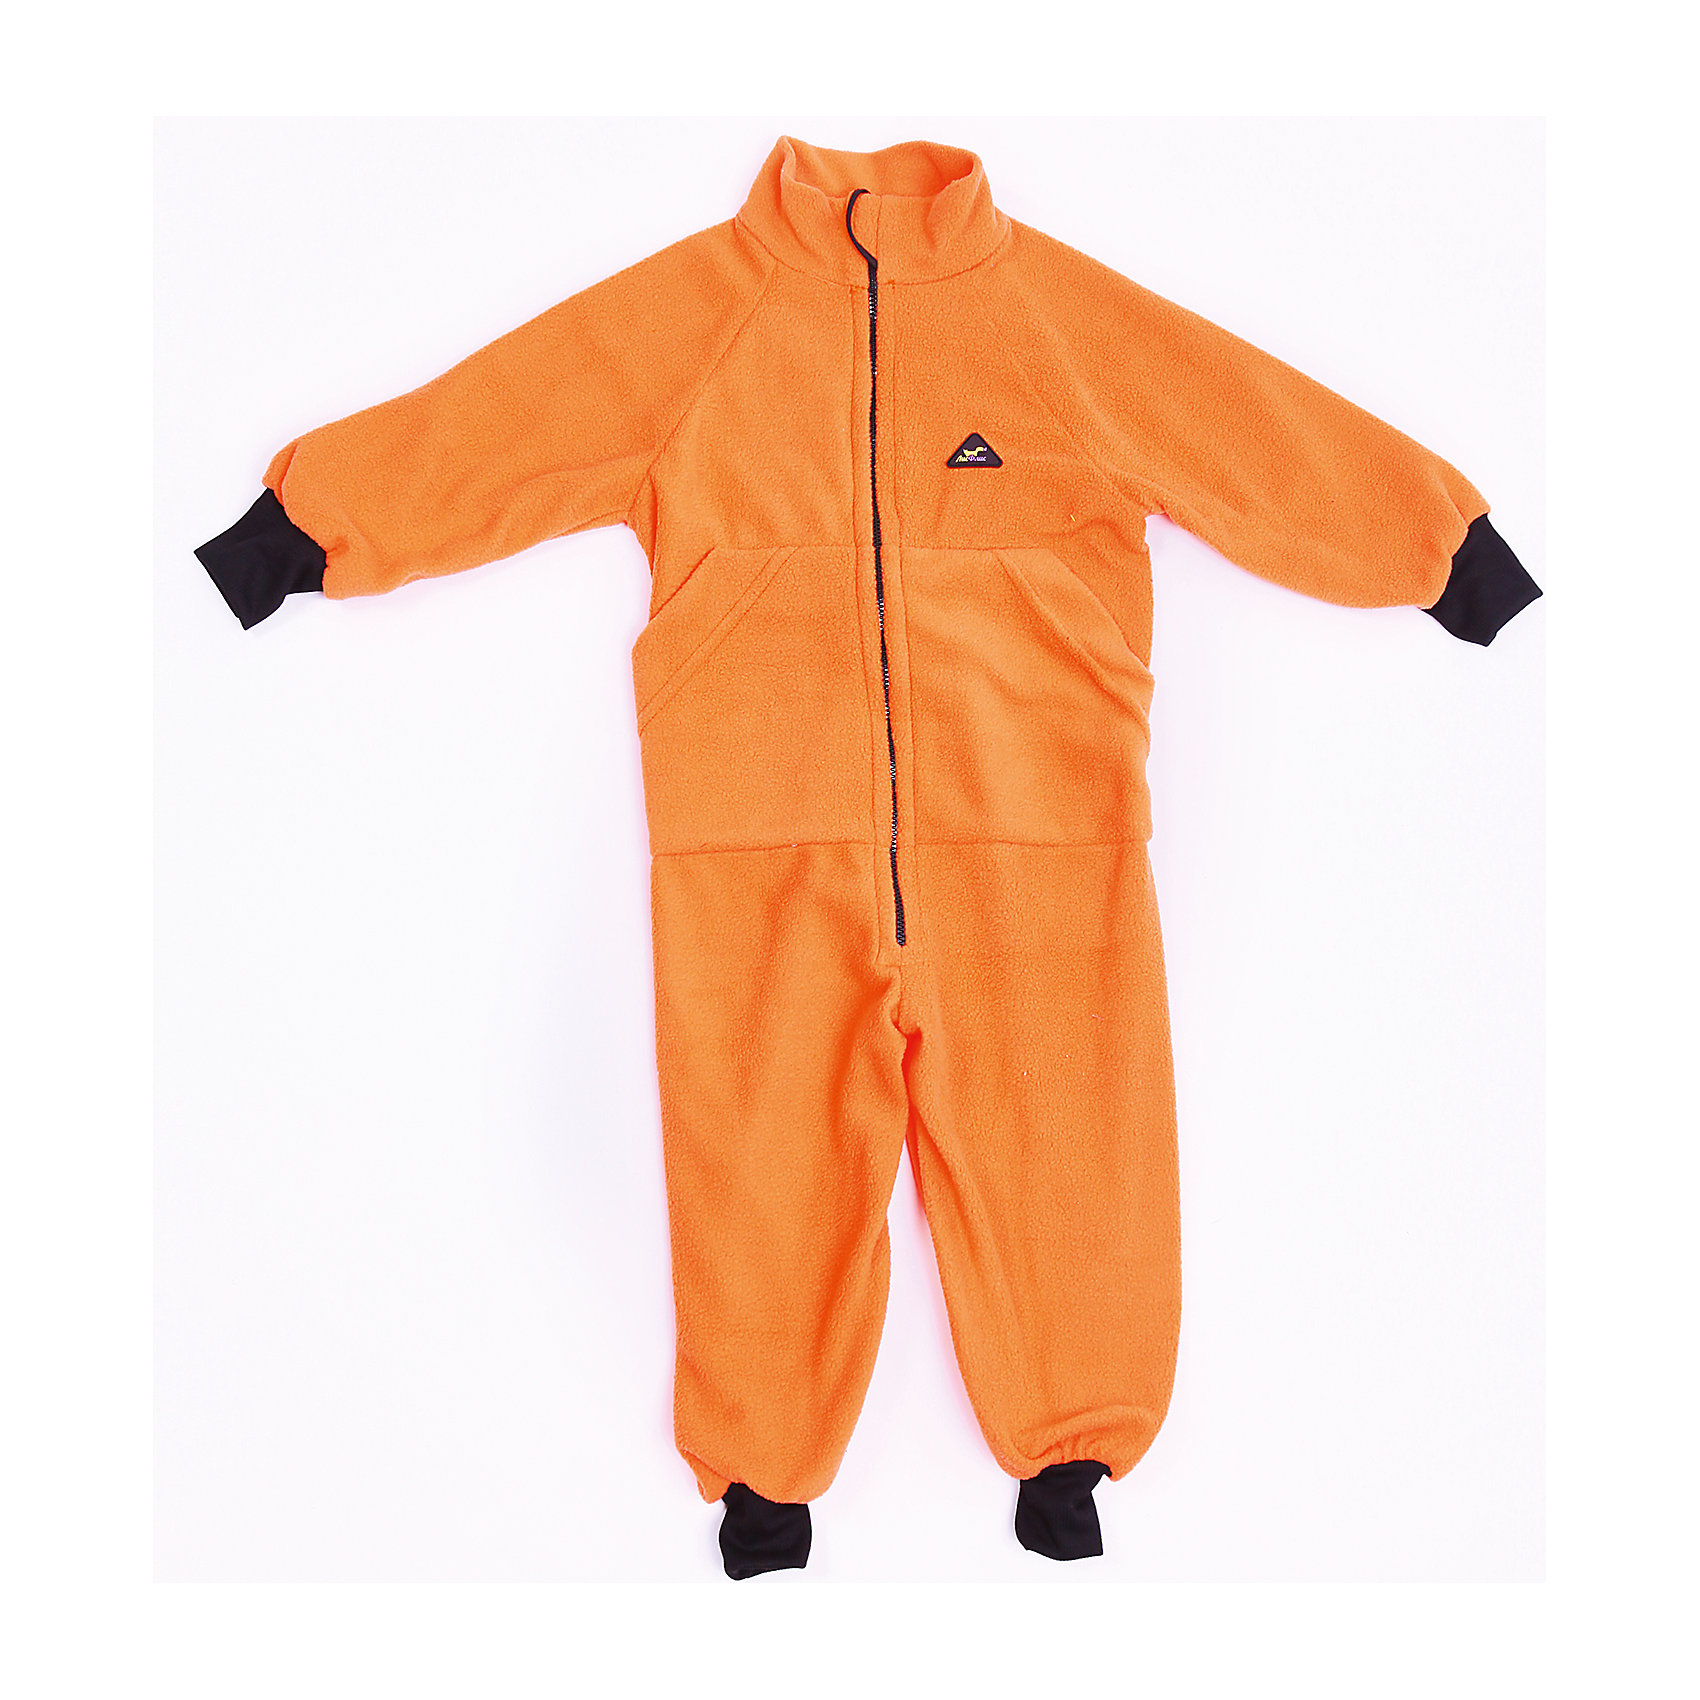 Комбинезон Настроение ЛисФлисХарактеристики комбинезона:<br><br>- пол: для девочек, для мальчиков<br>- комплект: комбинезон<br>- длина рукава: длинные<br>- цвет: оранжевый<br>- вид застежки: молния<br>- материал: флис<br>- уход: предварительная стирка<br>- рисунок: без рисунка<br>- утеплитель: без утепления<br>- назначение: повседневная<br>- сезон: круглогодичный<br>- страна бренда: Россия<br>- страна производитель: Россия<br><br>Комбинезон Настроение торговой марки ЛисФлис- это весело и практично. Это одежда, которая изготовлена с любовью для Вашего ребенка. В комбинезоне торговой марки ЛисФлис Ваш ребенок будет чувствовать себя комфортно в любую погоду и при любых обстоятельствах. Комбинезон выполнен из плотного флиса (280 г.) с манжетами на рукавах со специальной защитой стоппером от молнии и резинкой на спине для лучшей посадки изделия.<br><br>Комбинезон Настроение торговой марки ЛисФлис можно купить в нашем интернет-магазине.<br><br>Ширина мм: 215<br>Глубина мм: 88<br>Высота мм: 191<br>Вес г: 336<br>Цвет: оранжевый<br>Возраст от месяцев: 12<br>Возраст до месяцев: 18<br>Пол: Унисекс<br>Возраст: Детский<br>Размер: 86,80,92,98,104,110,116,122<br>SKU: 4939313